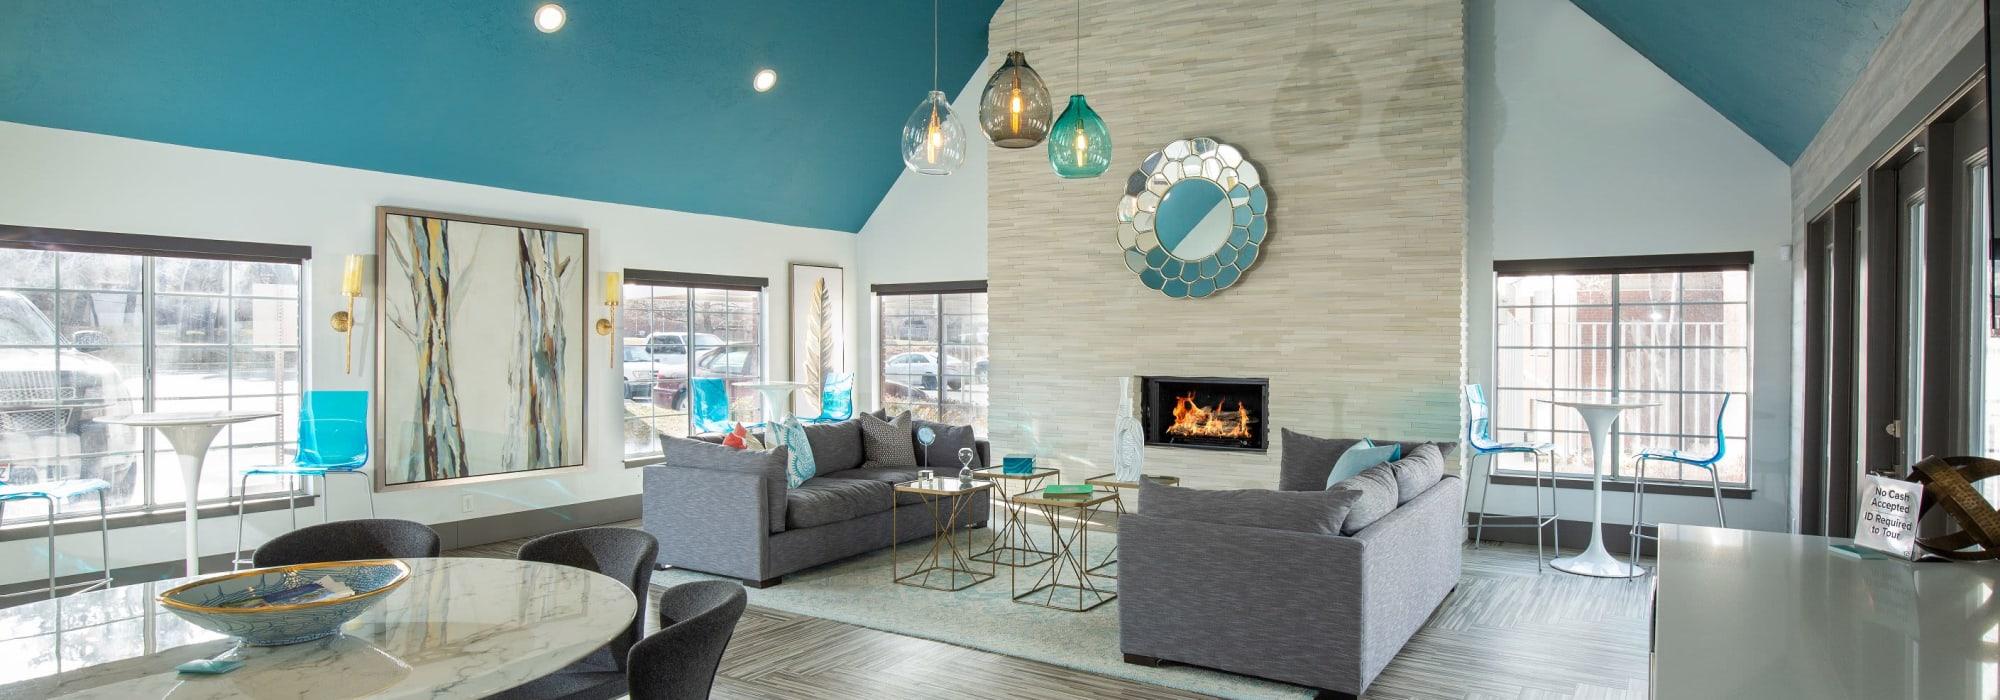 Amenities at Windgate Apartments in Bountiful, Utah